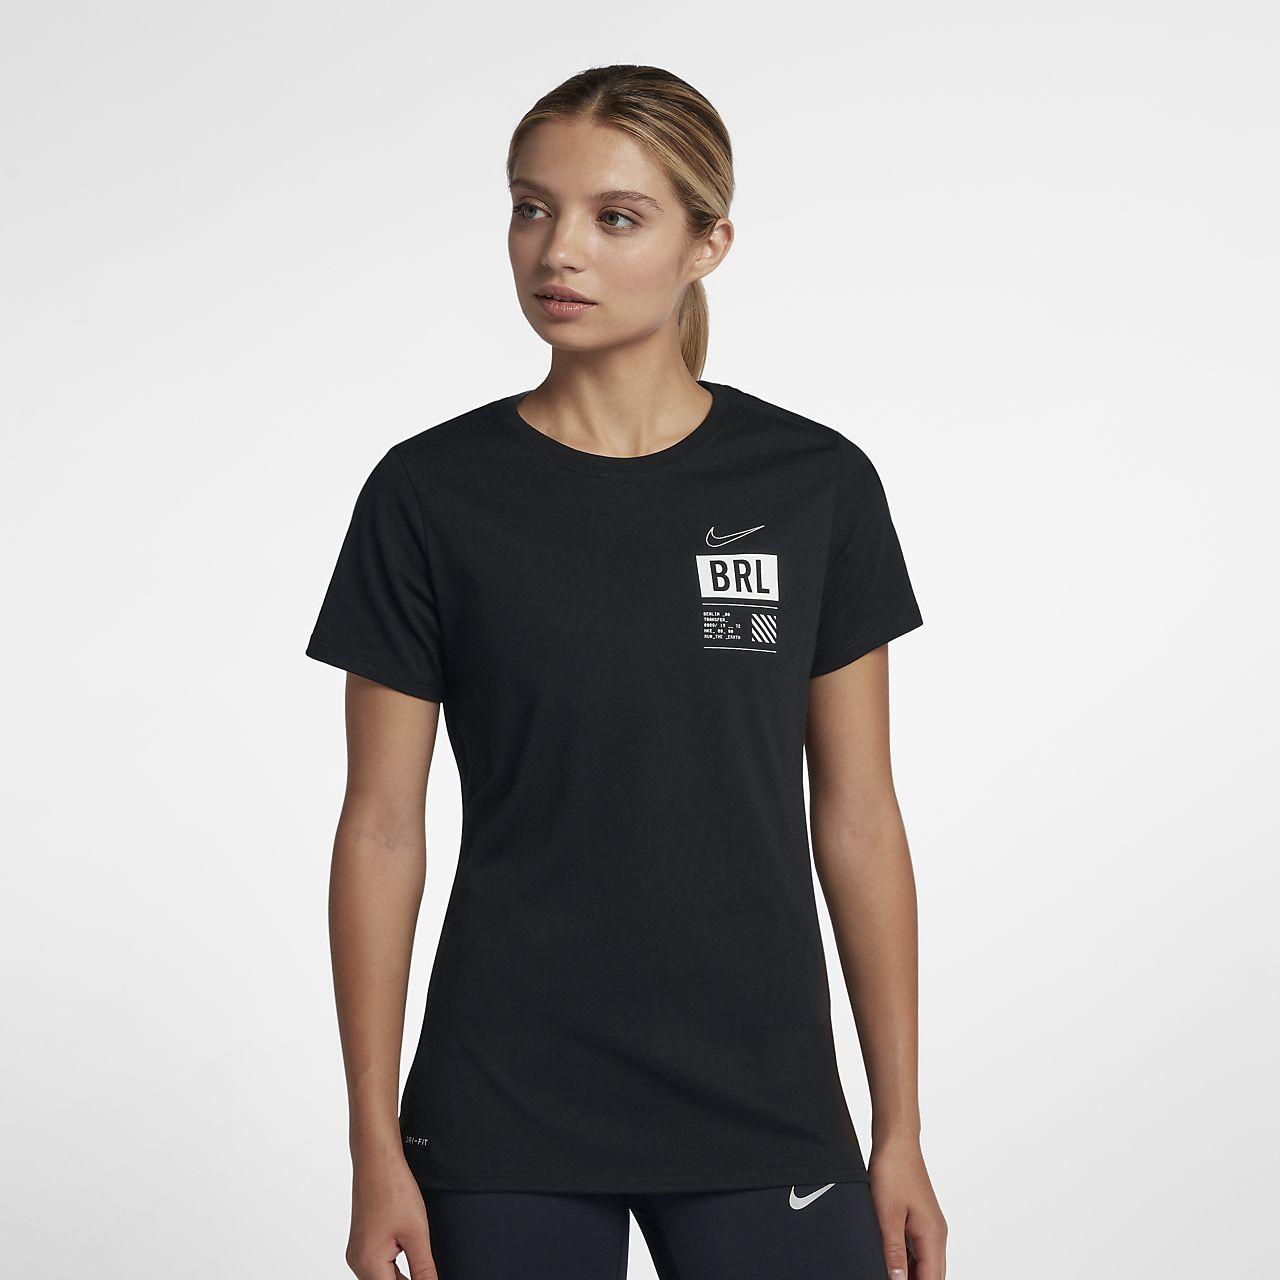 Nike Dri-FIT (Berlin) Women's Running T-Shirt